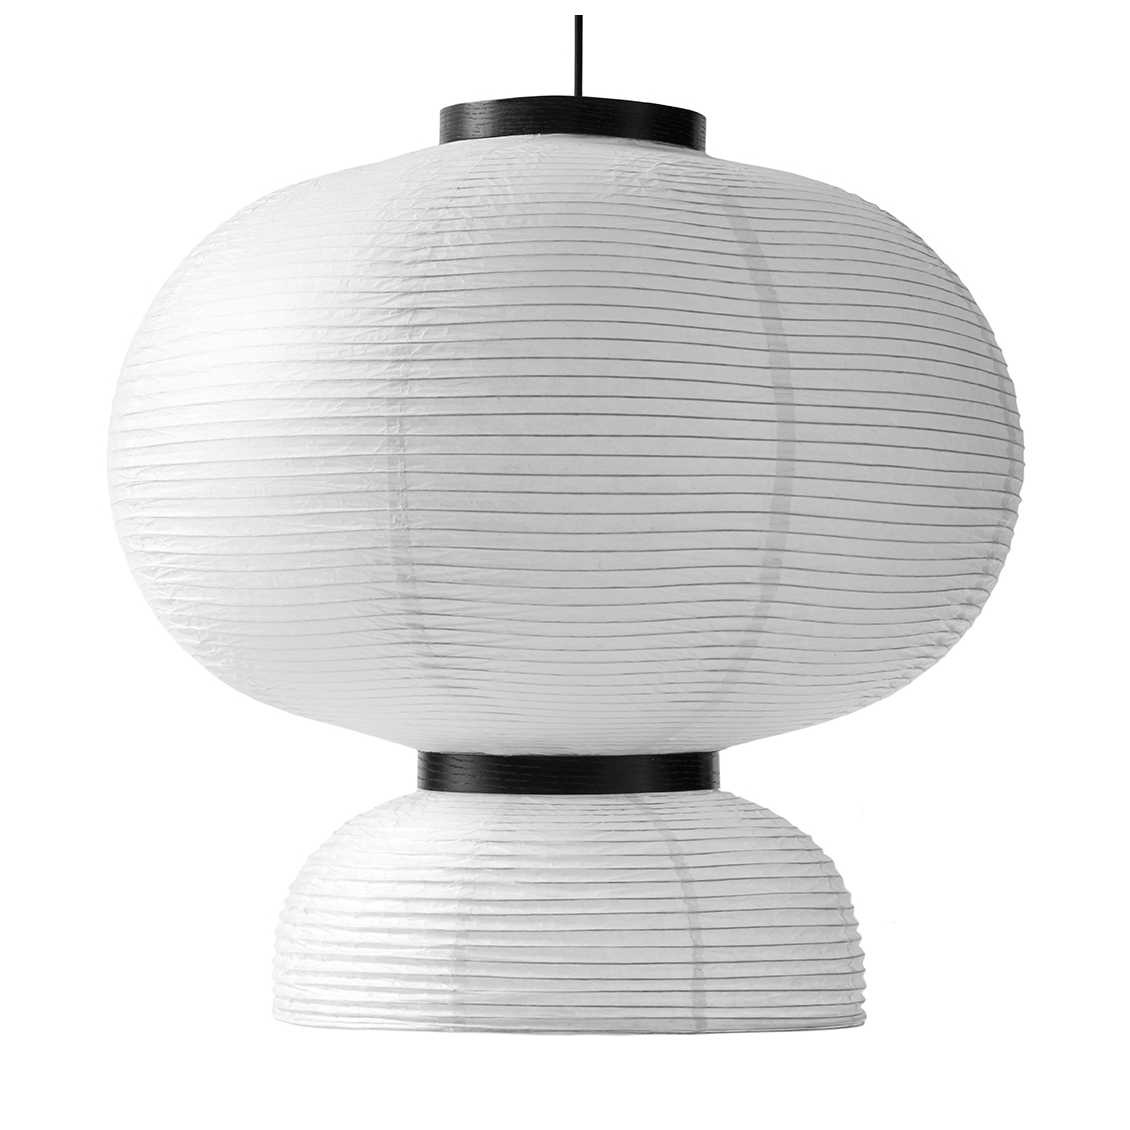 Formakami Pendant Lamp  JH5-1